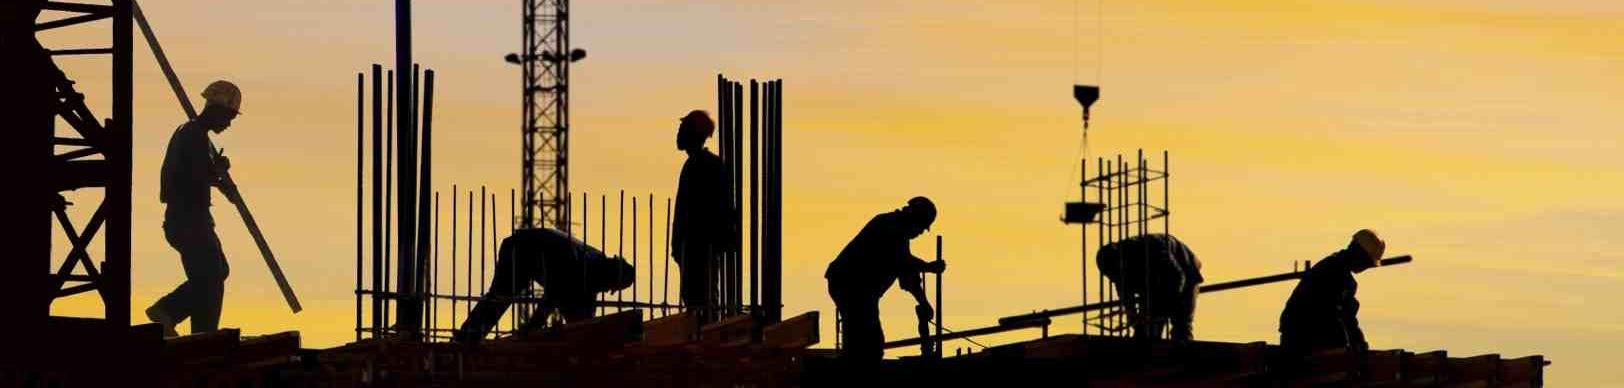 На капитальное строительство утвержден типовой контракт